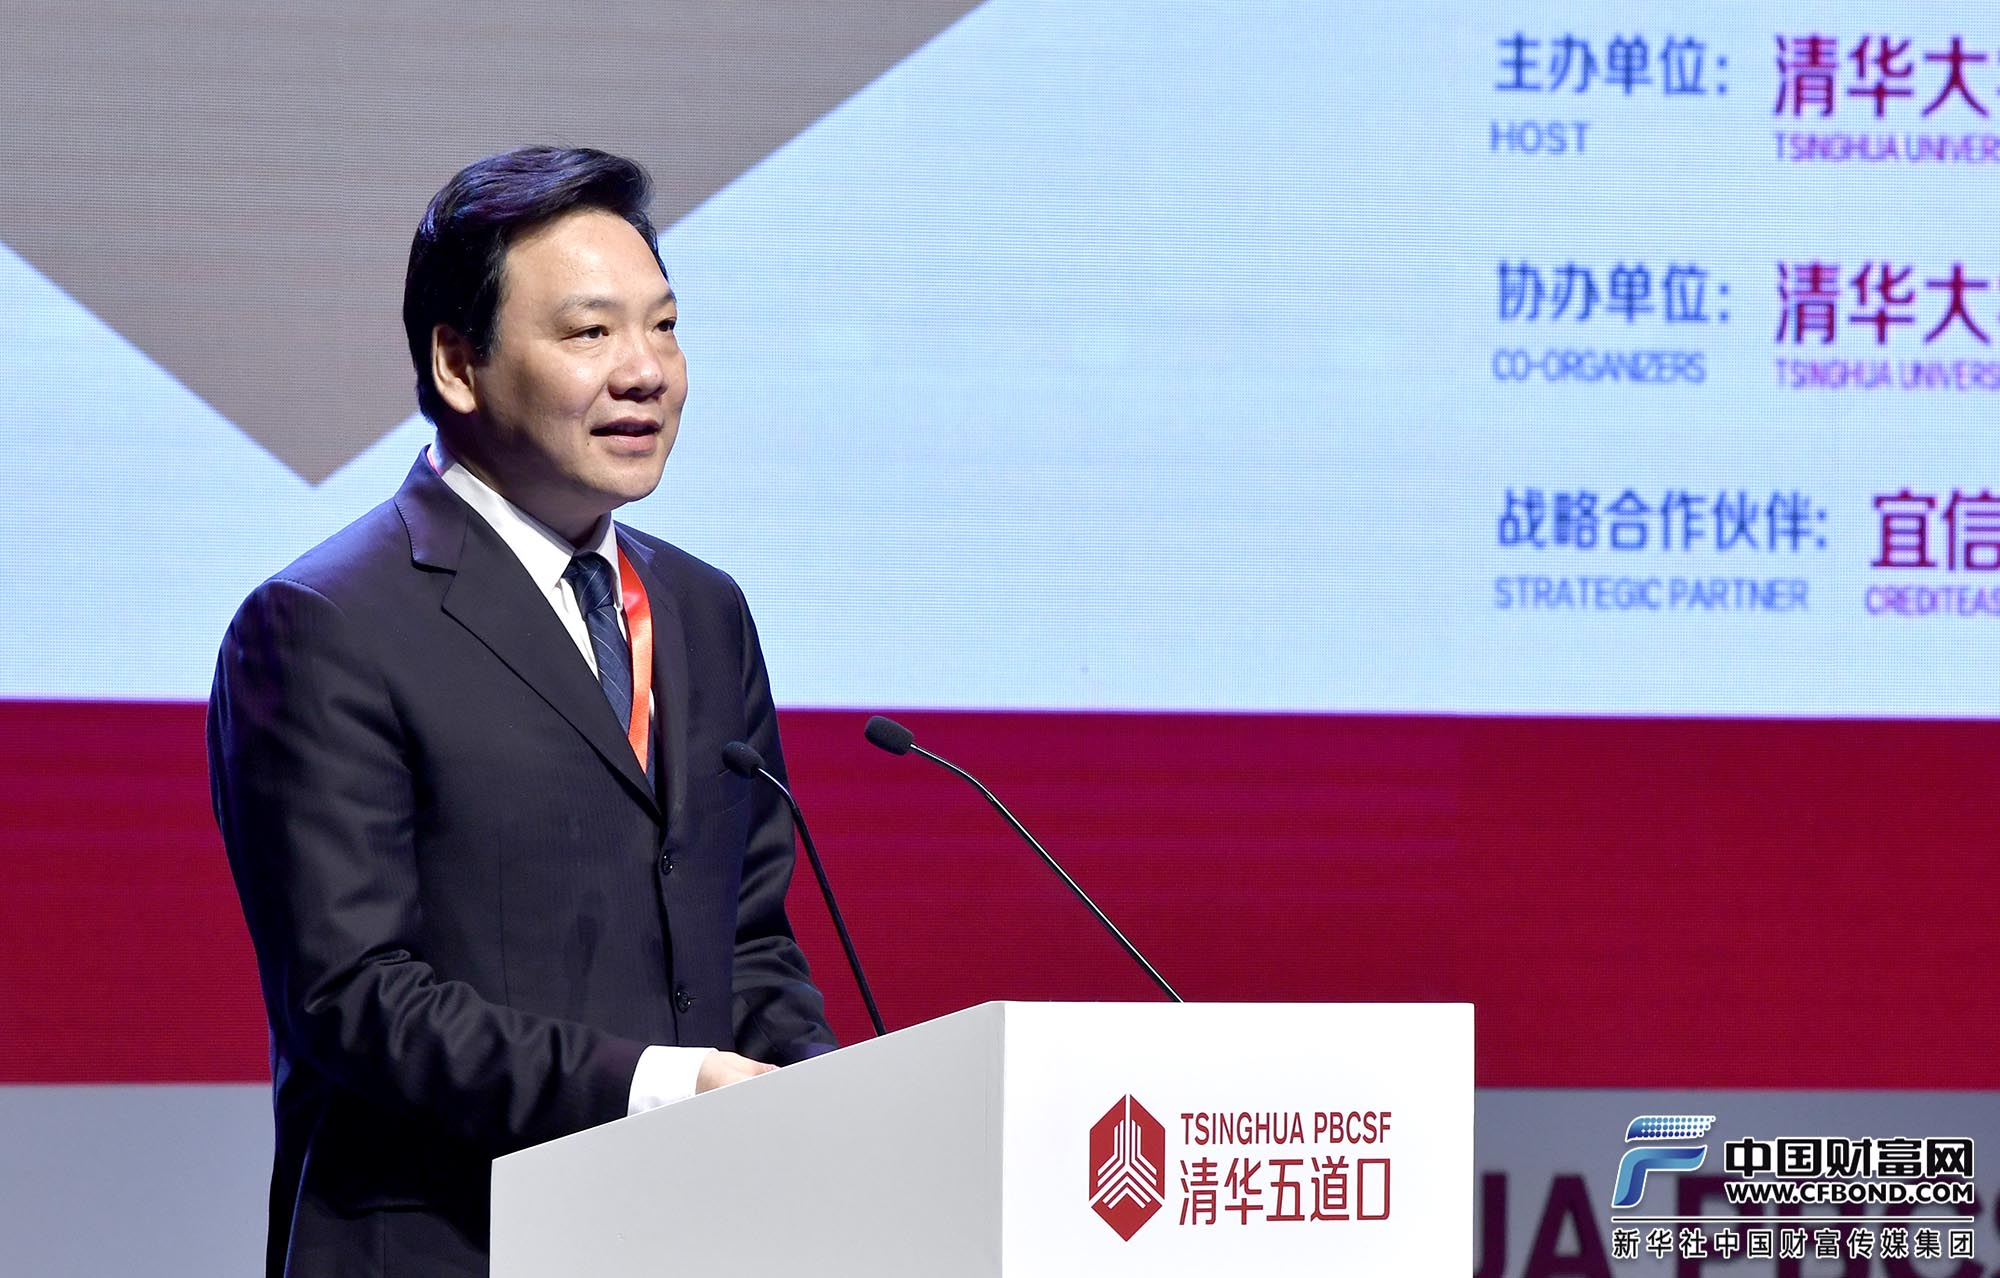 主旨演讲:中国人民银行党委委员、副行长陈雨露